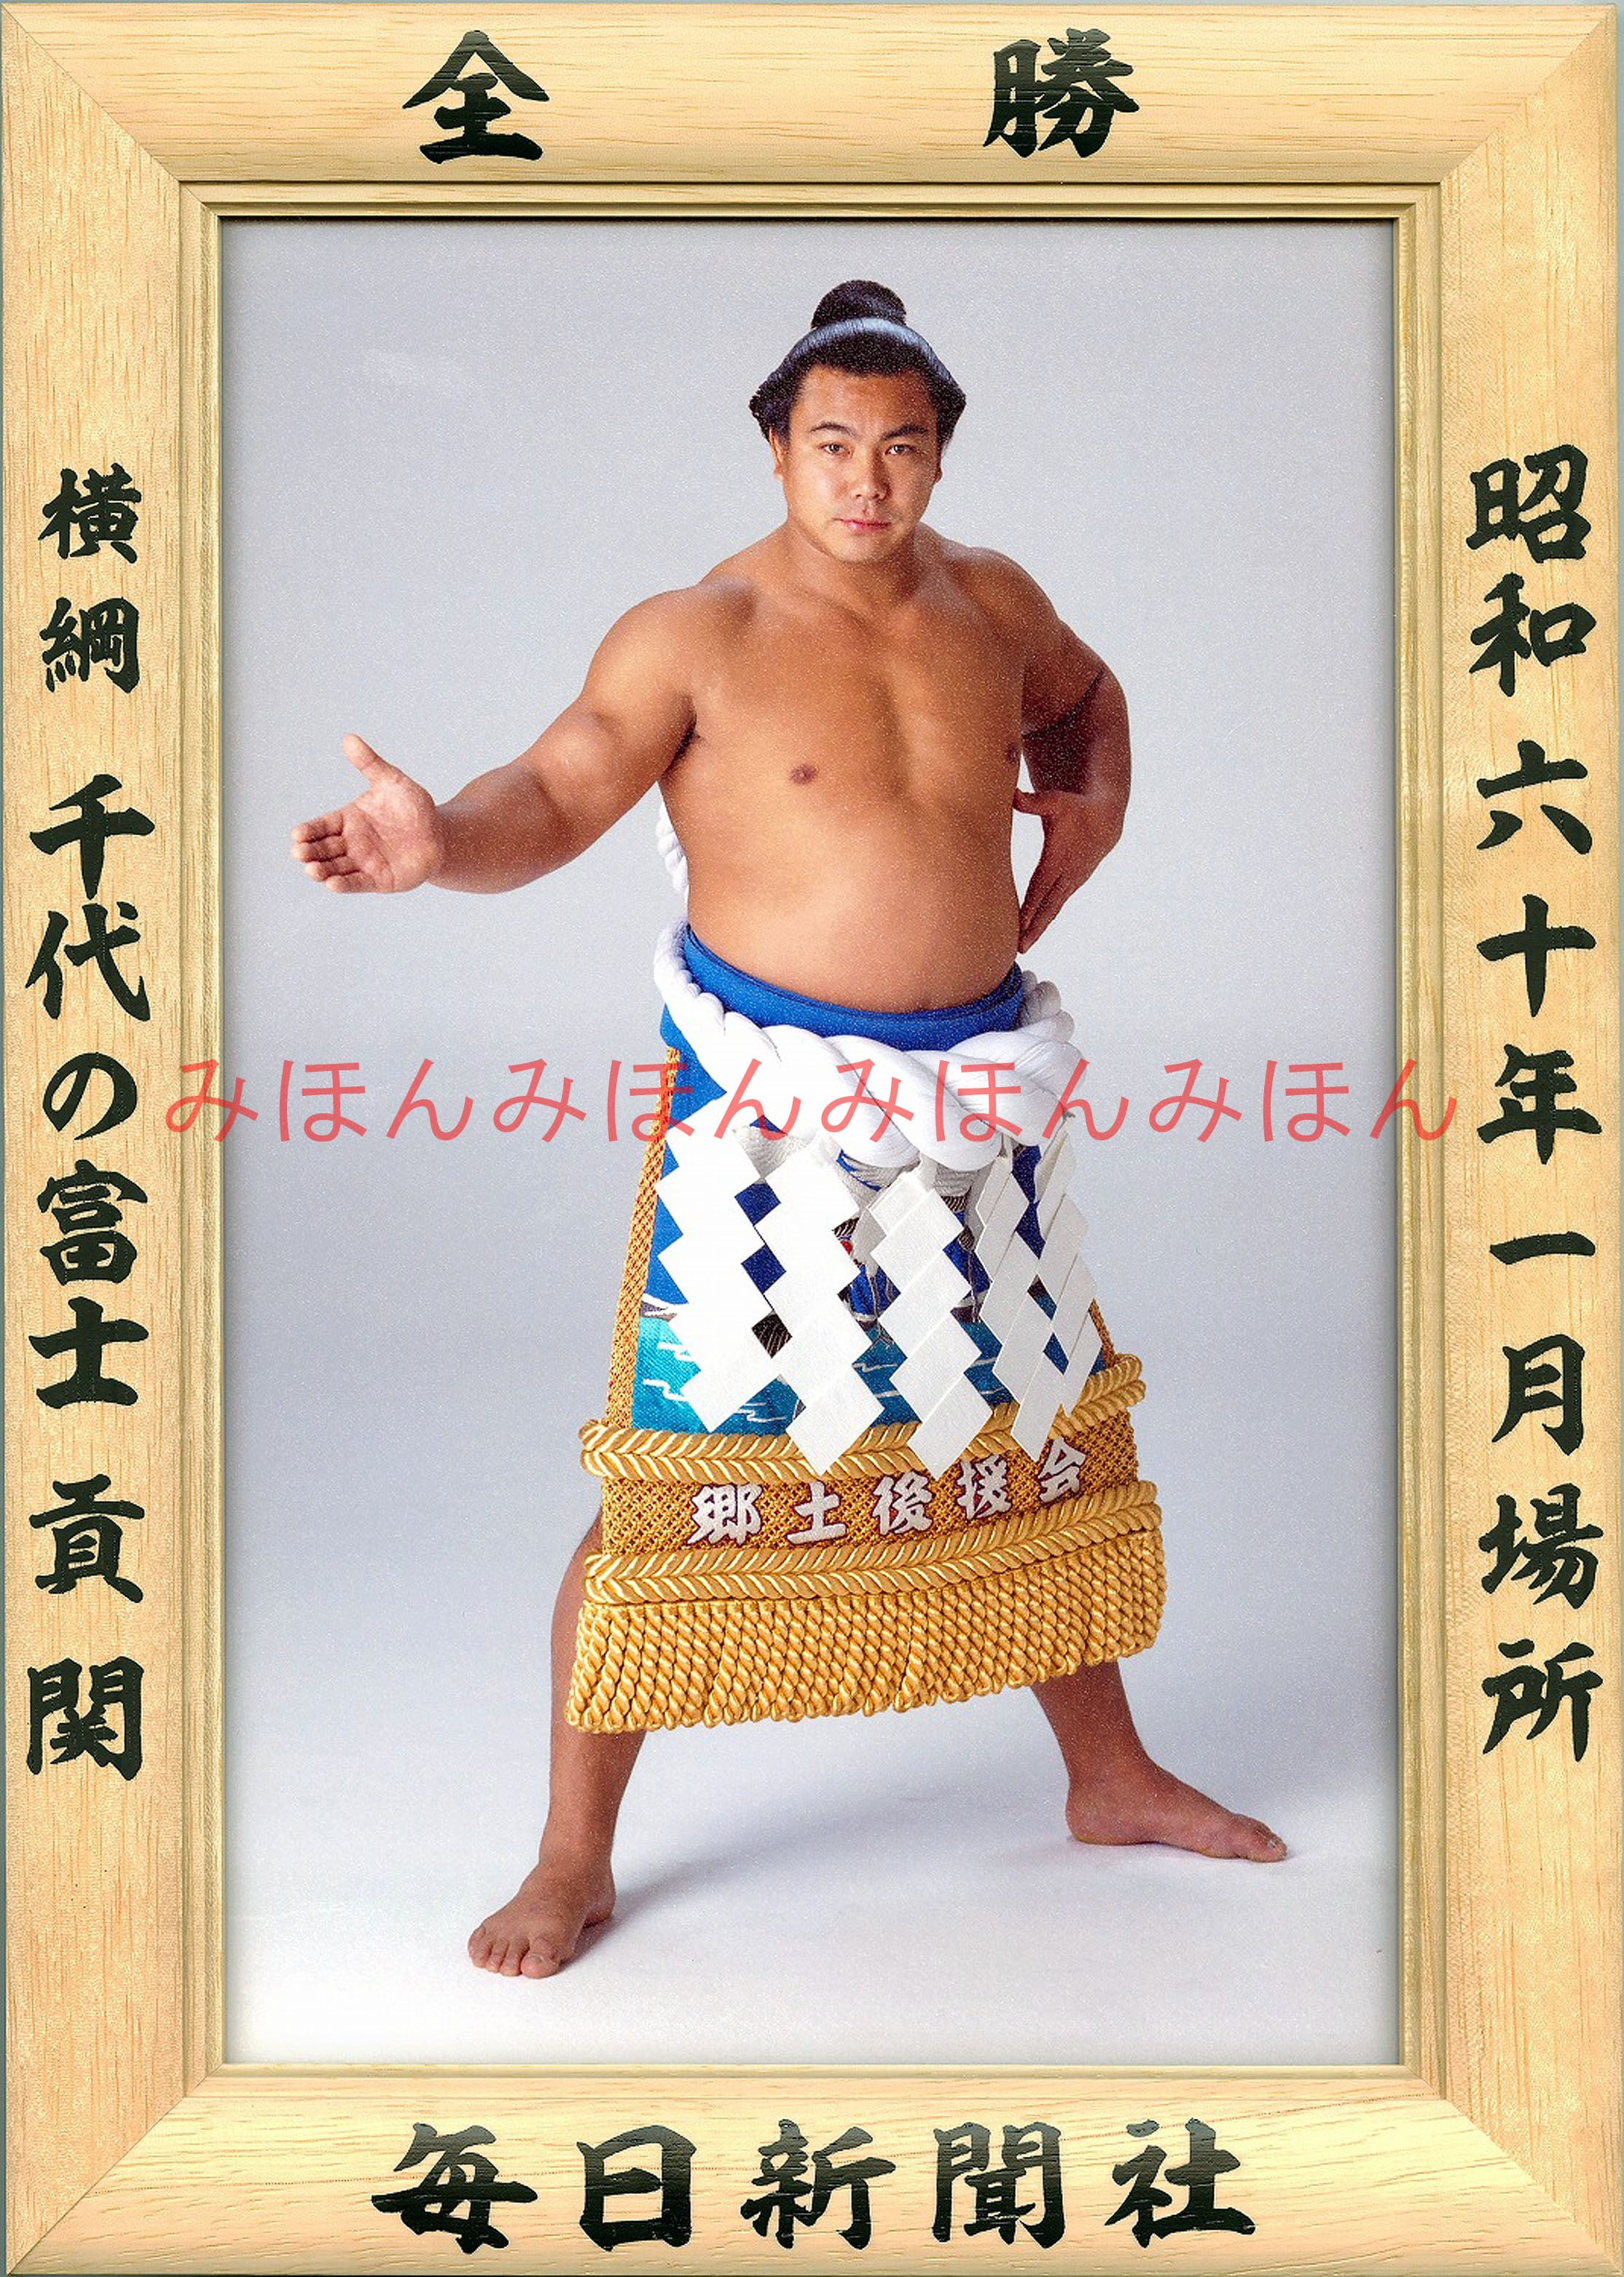 昭和60年1月場所全勝 横綱 千代の富士貢関(11回目の優勝)